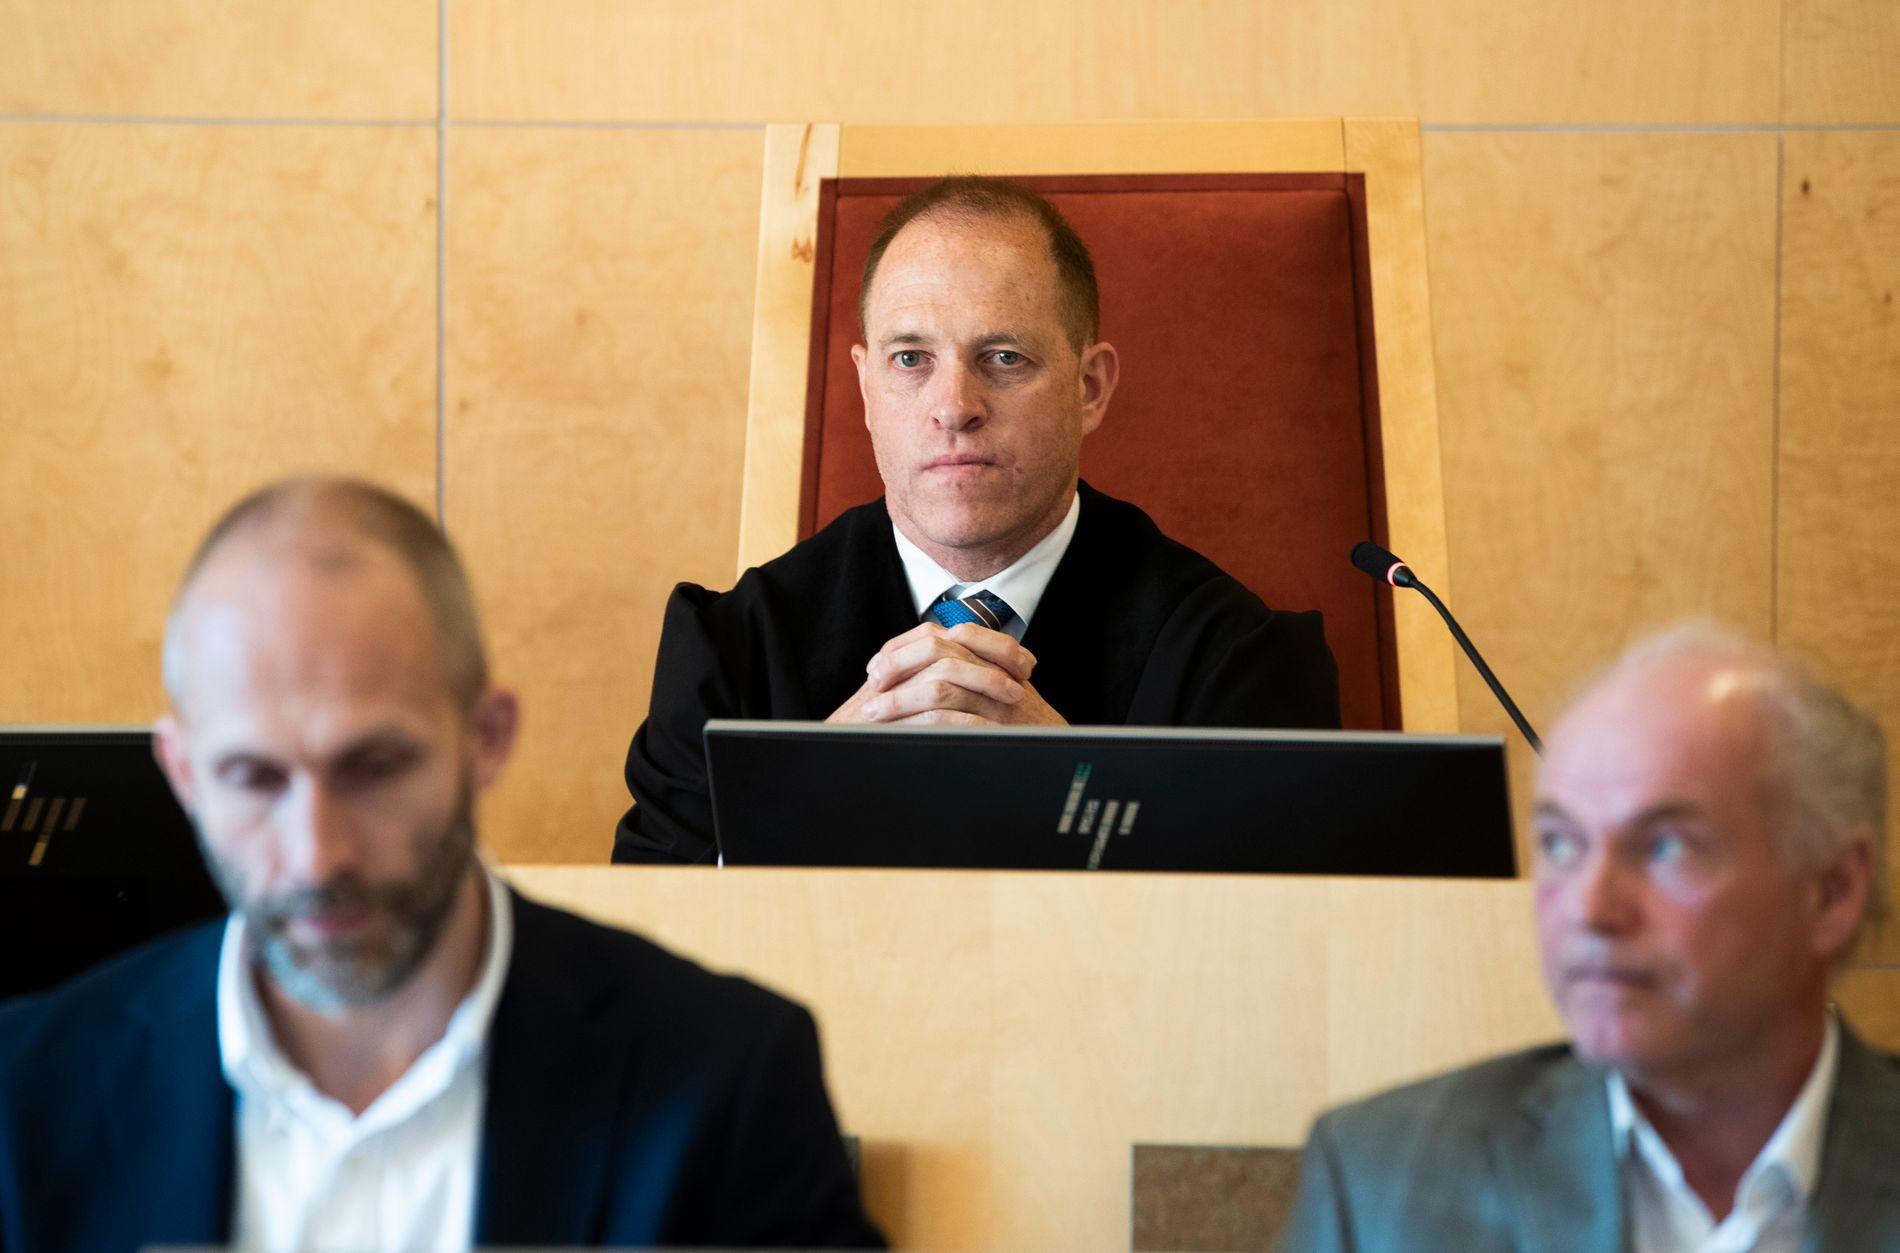 DOMMER: Tingrettsdommer Ingulf Nordahl (midten) stilte en rekke spørsmål til 17-åringen. Her sitter også rettspsykiaterne Terje Tørrissen og Alexander Rønningsdalen Flaata (t.v.).